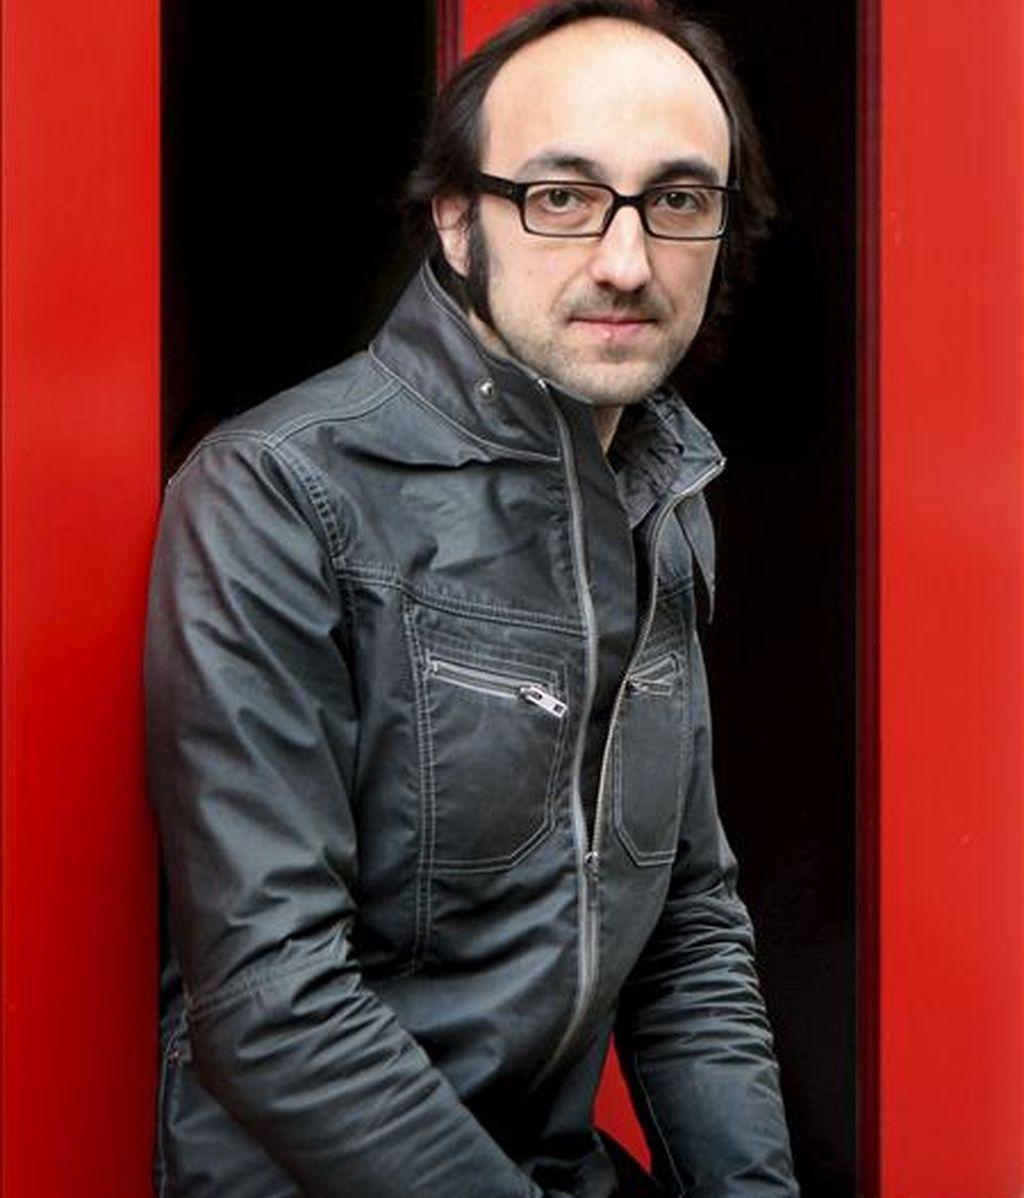 Imagen del escritor gallego Agustín Fernández Mallo. EFE/Archivo